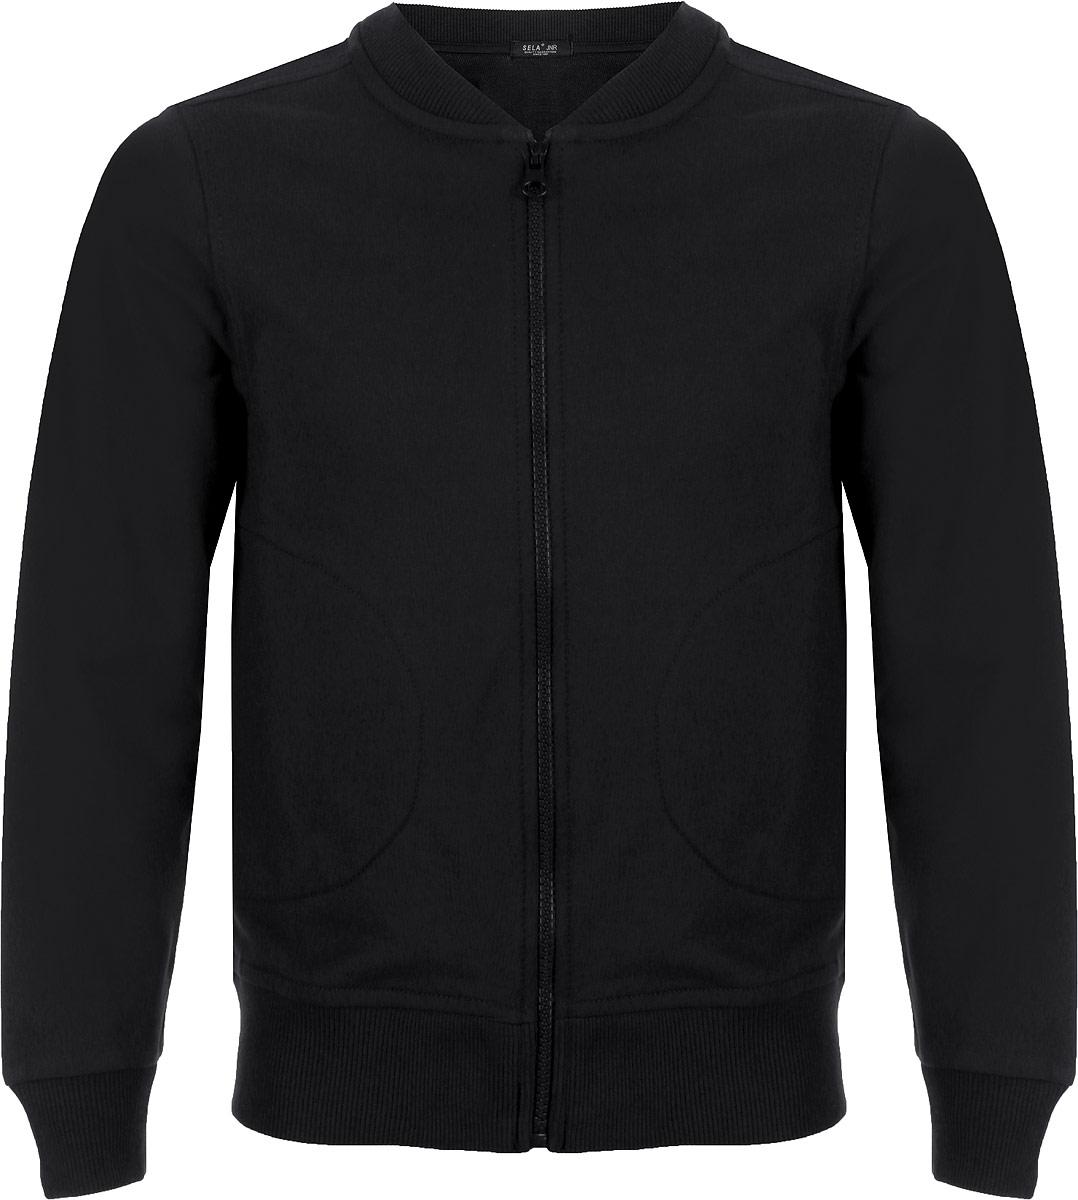 Фото Куртка для мальчика Sela, цвет: черный. Stc-813/182-8320. Размер 170